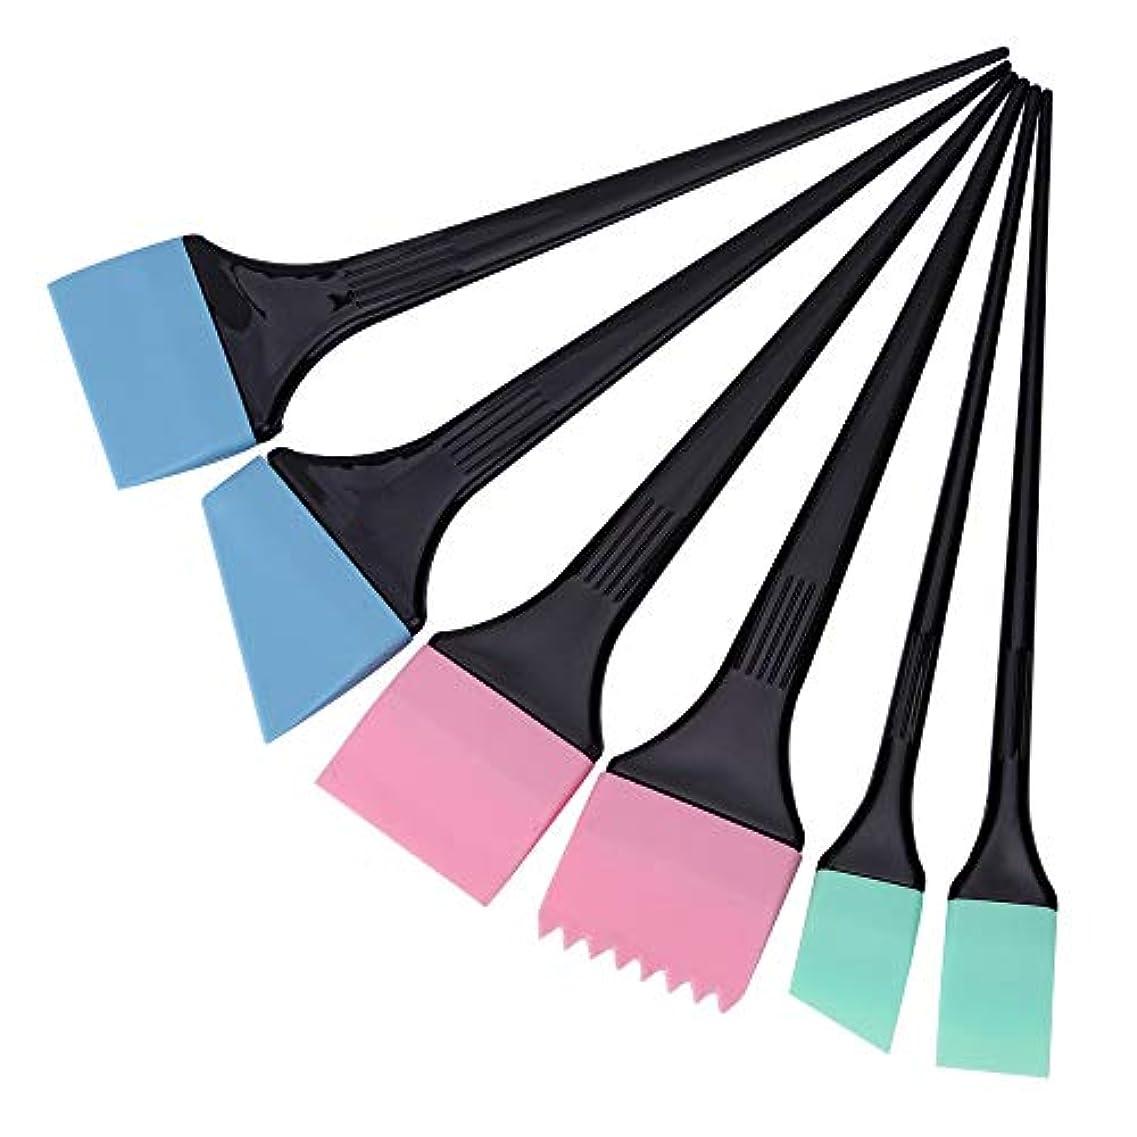 ホイットニー資金コンピューターを使用するヘアダイコーム&ブラシ 毛染めブラシ 6本/セット 着色櫛キット プロサロン 理髪スタイリングツール へアカラーセット グリーン